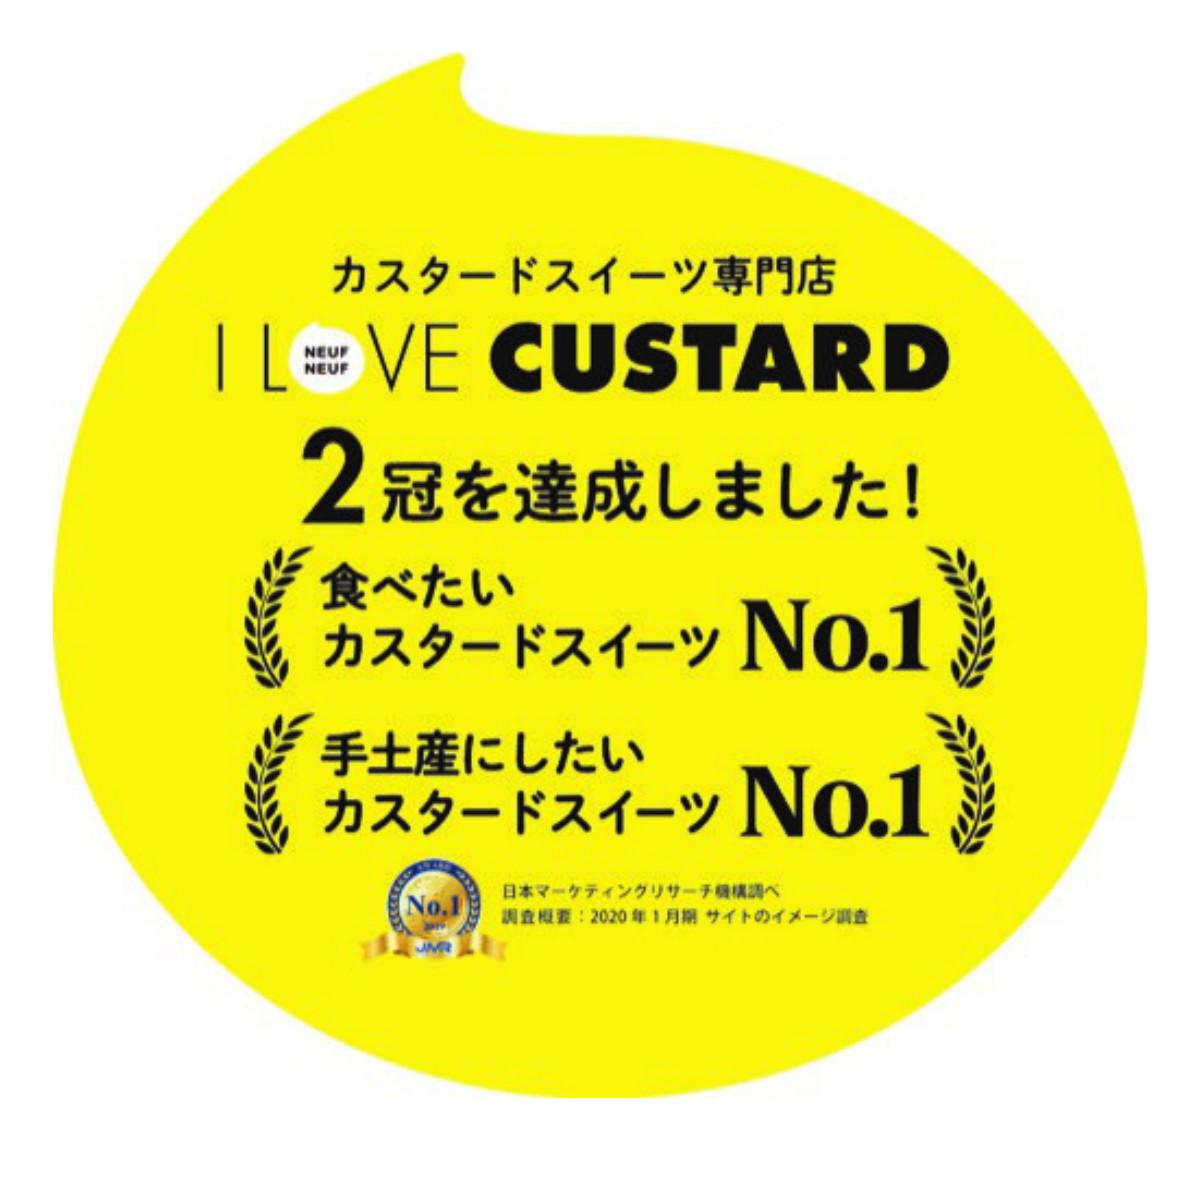 カスタードクッキー10枚入り(福岡便)